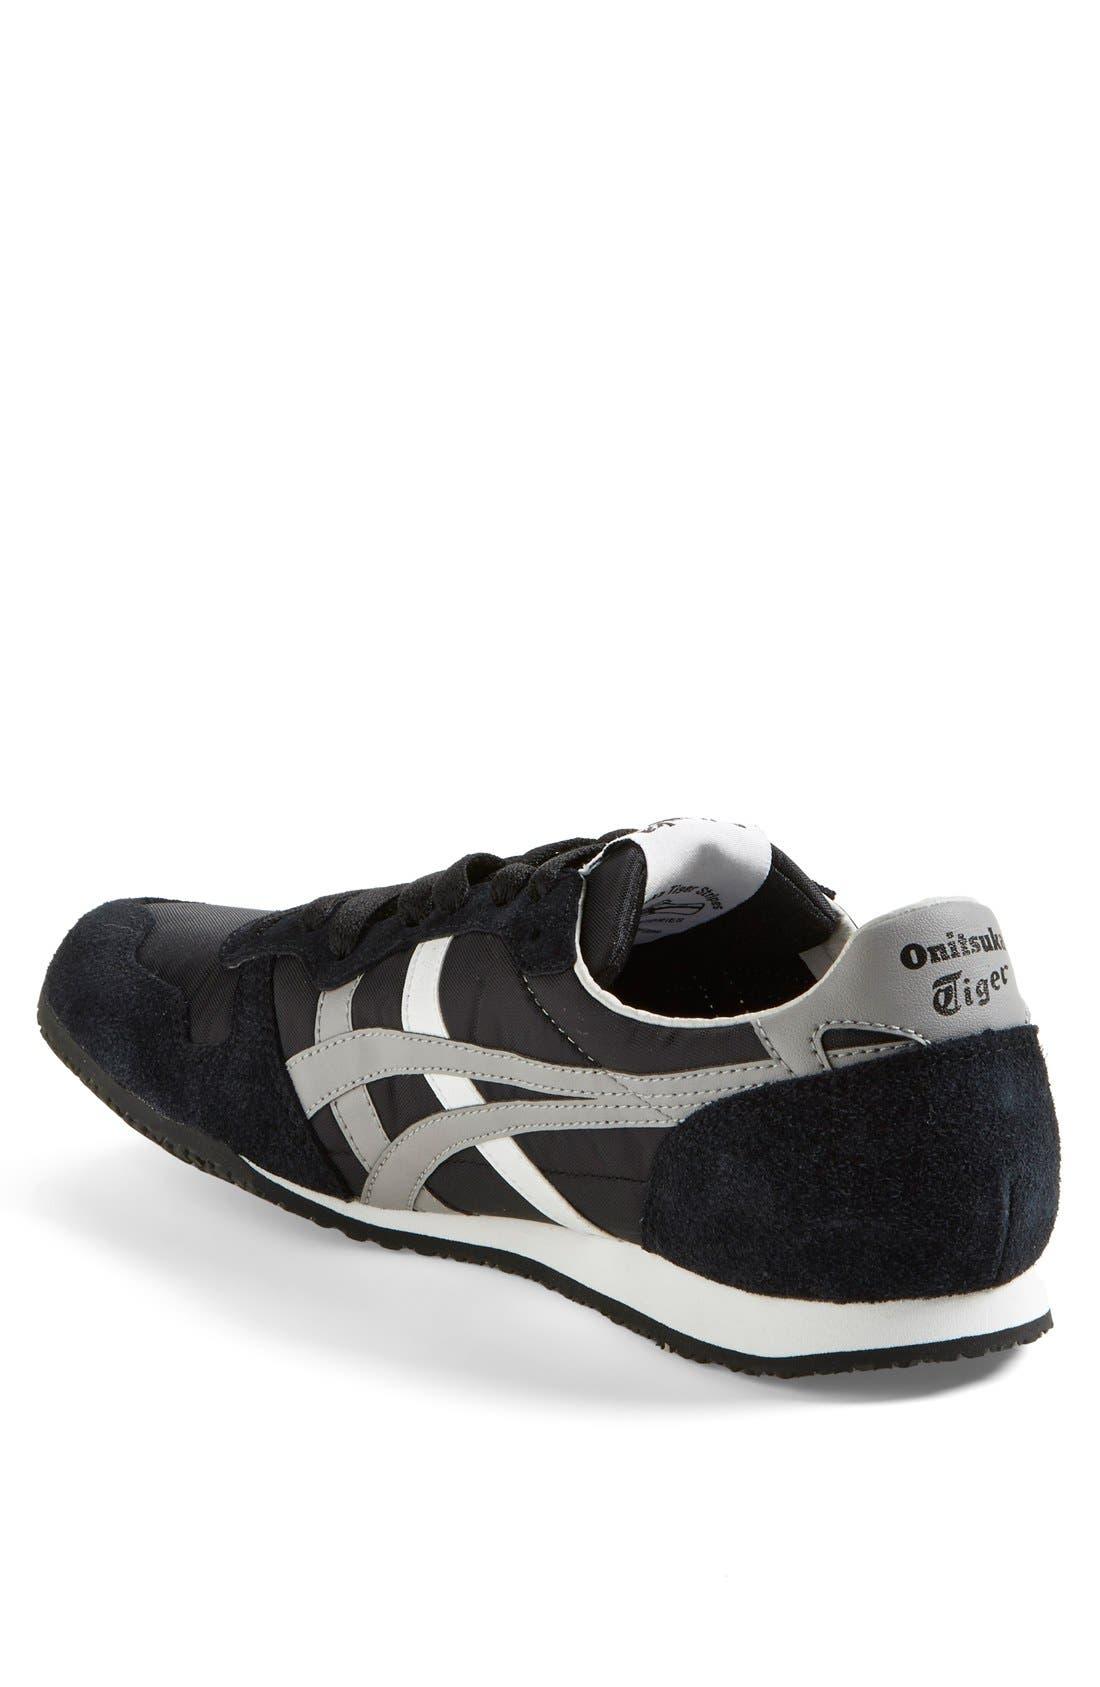 'Serrano' Sneaker,                             Alternate thumbnail 2, color,                             BLACK/ LIGHT GREY/ WHITE